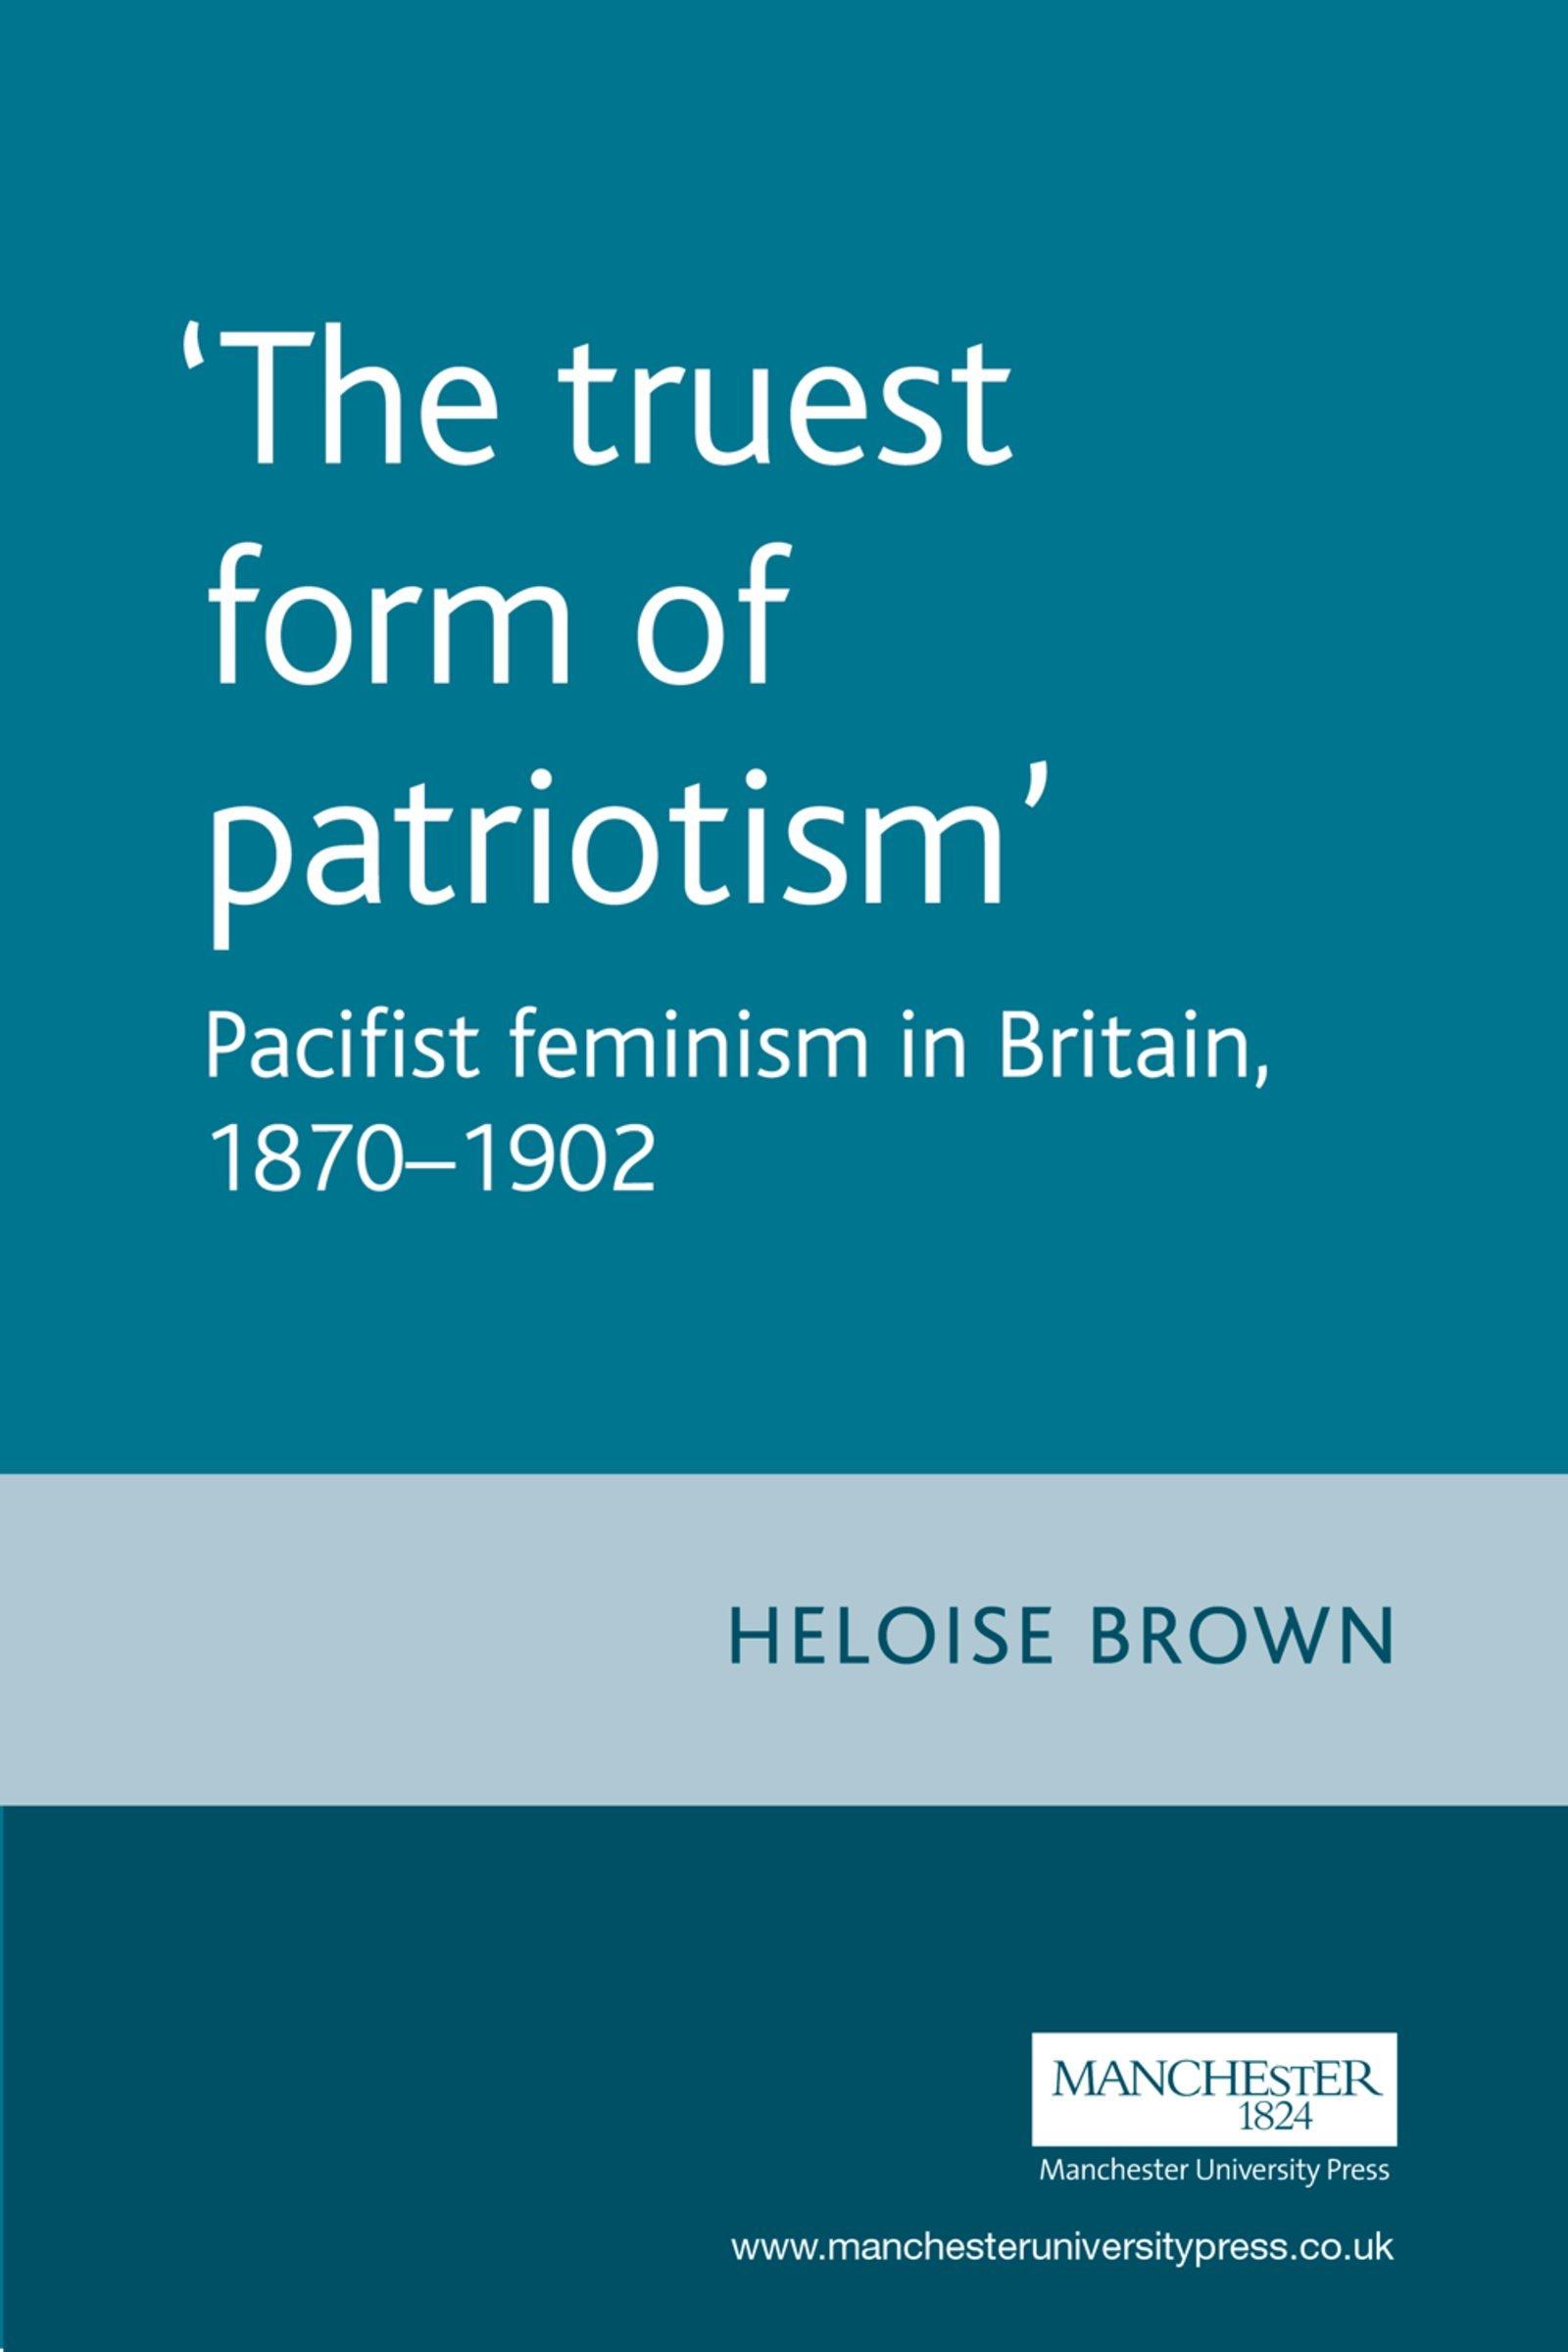 The Truest Form of Patriotism: Pacifist Feminism in Britain, 1870-1902